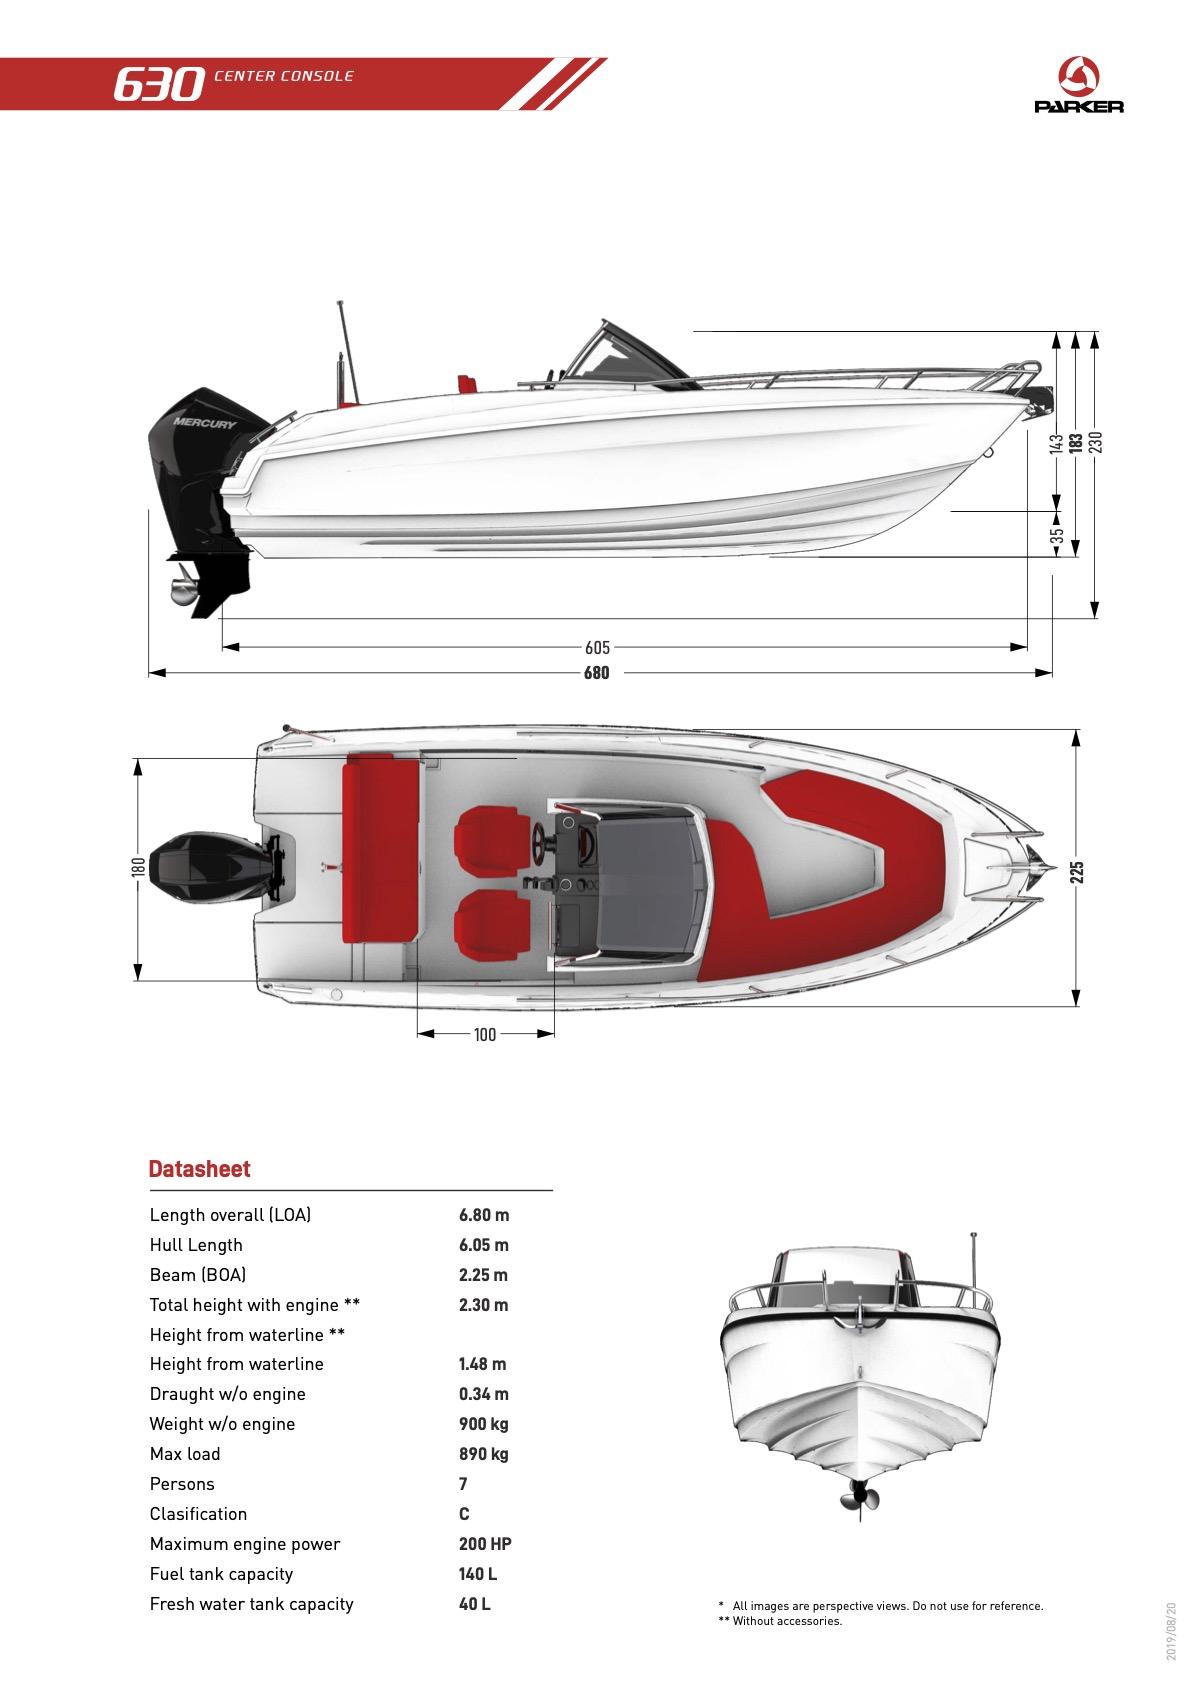 Parker 630 Sport plan de pont